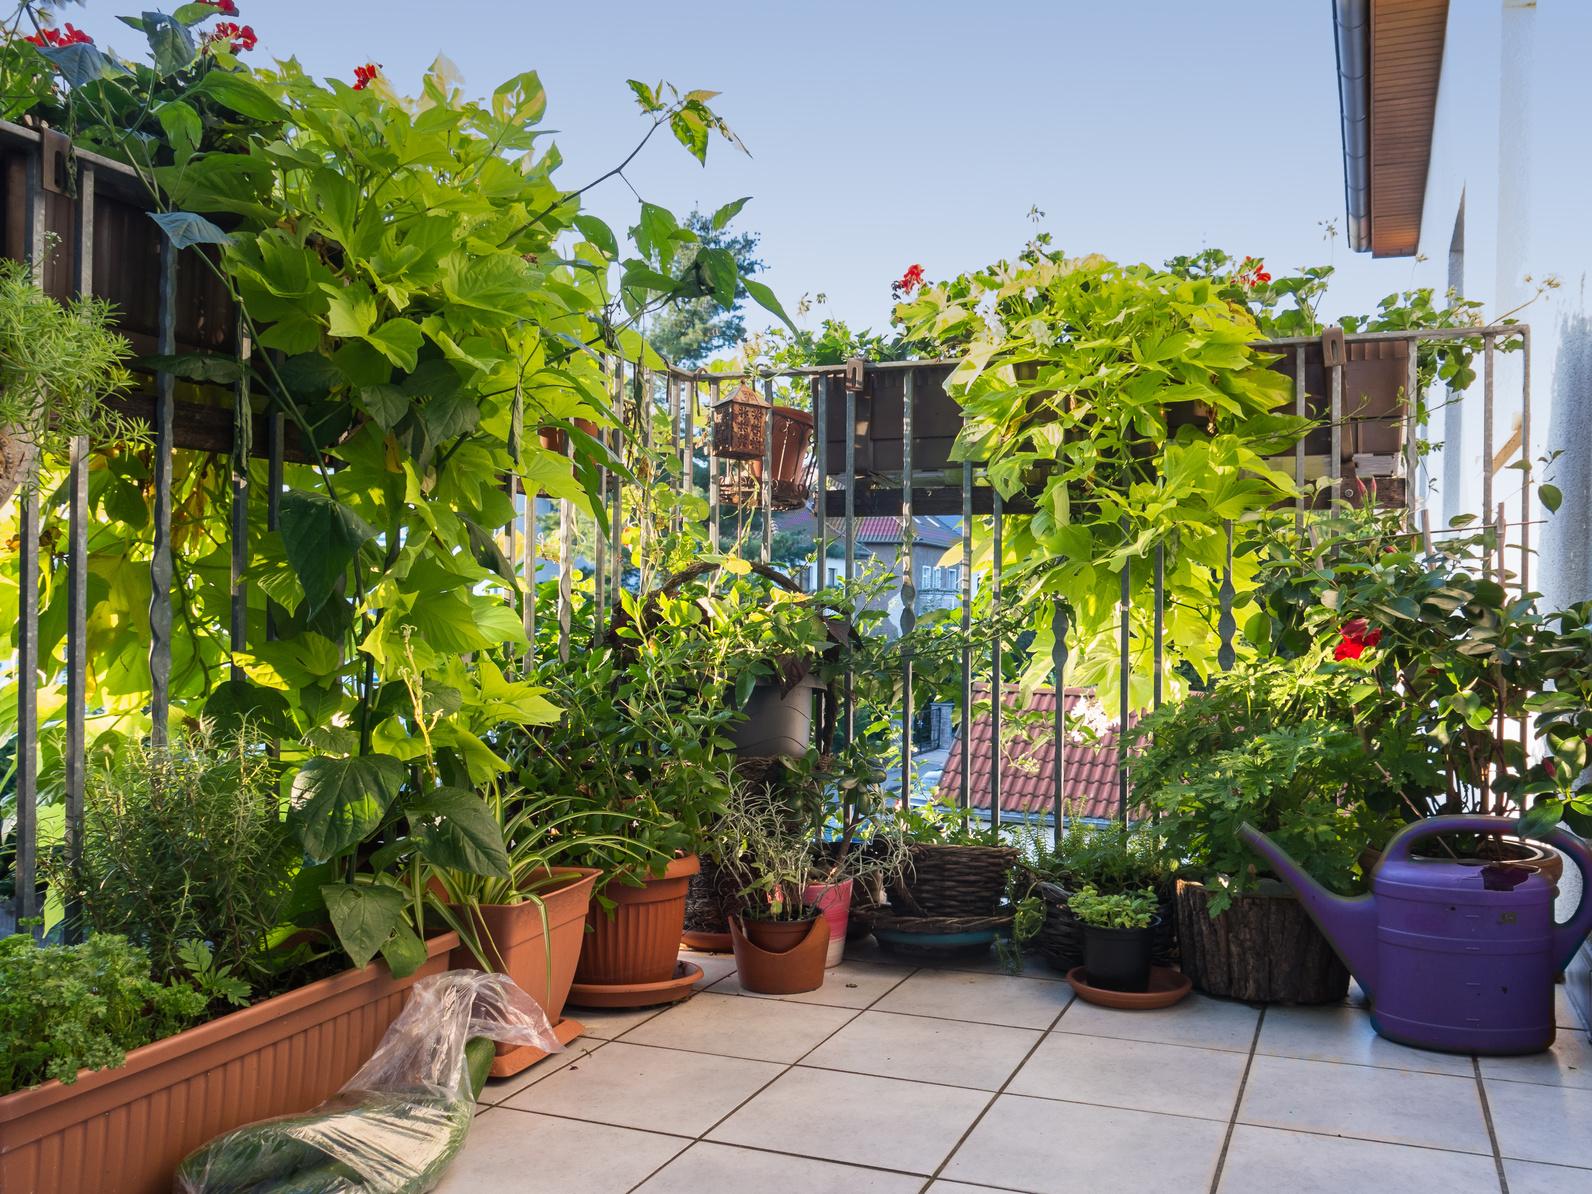 Bezaubernd Balkon Deko Ideen Beste Wahl Das Balkon-wohnzimmer Für Den Sommer; Ankenevermann/ Fotoliareview